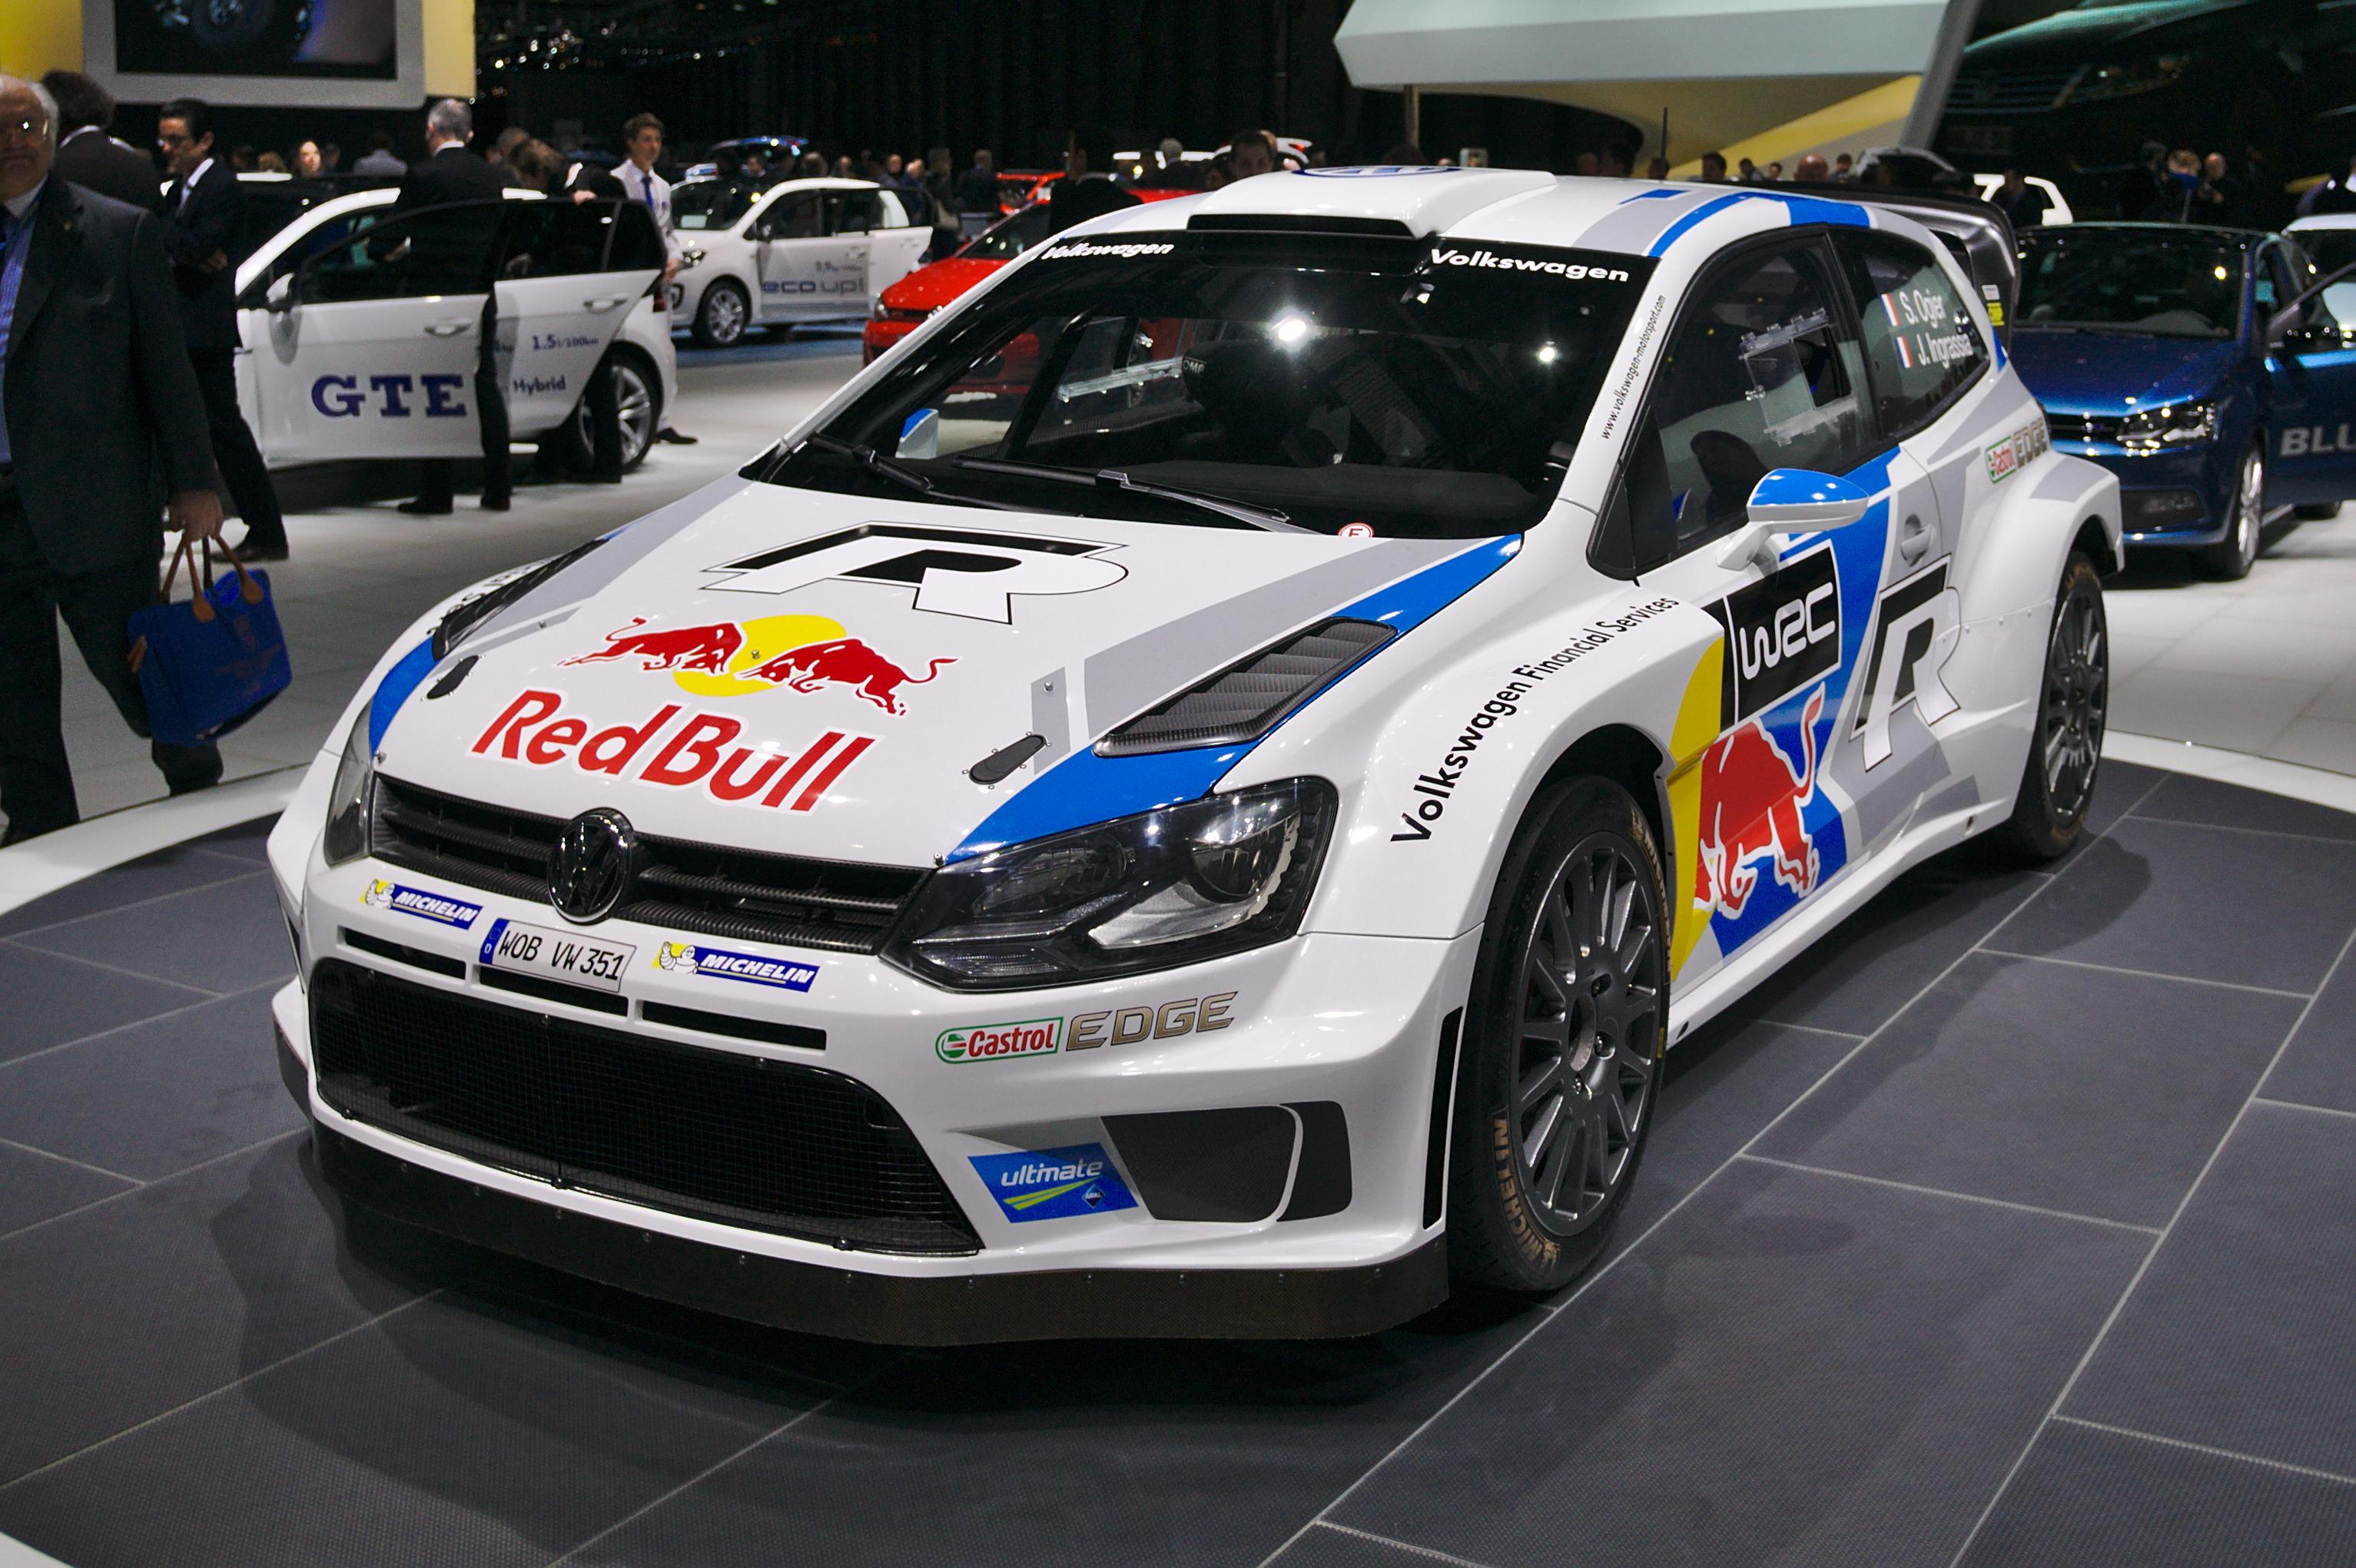 File salon de l 39 auto de gen ve 2014 20140305 volkswagen polo r wrc wikimedia commons - Salon de l automobile 2014 ...